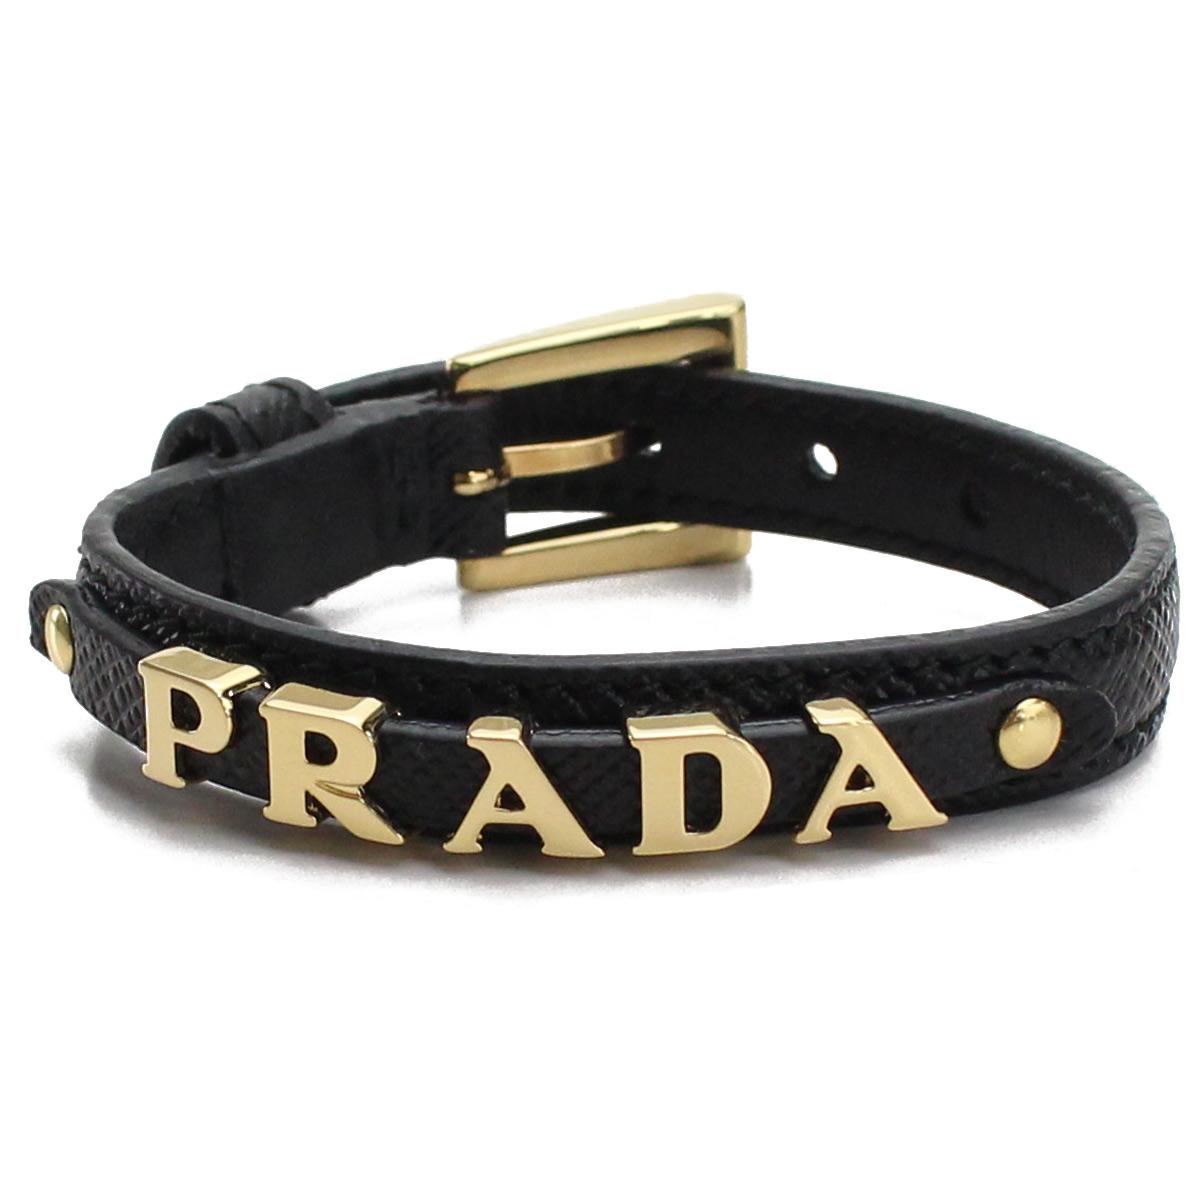 プラダ PRADA ロゴ入り サフィアーノ レザー ブレスレット 1IB217 053 F0002 NERO ブラック